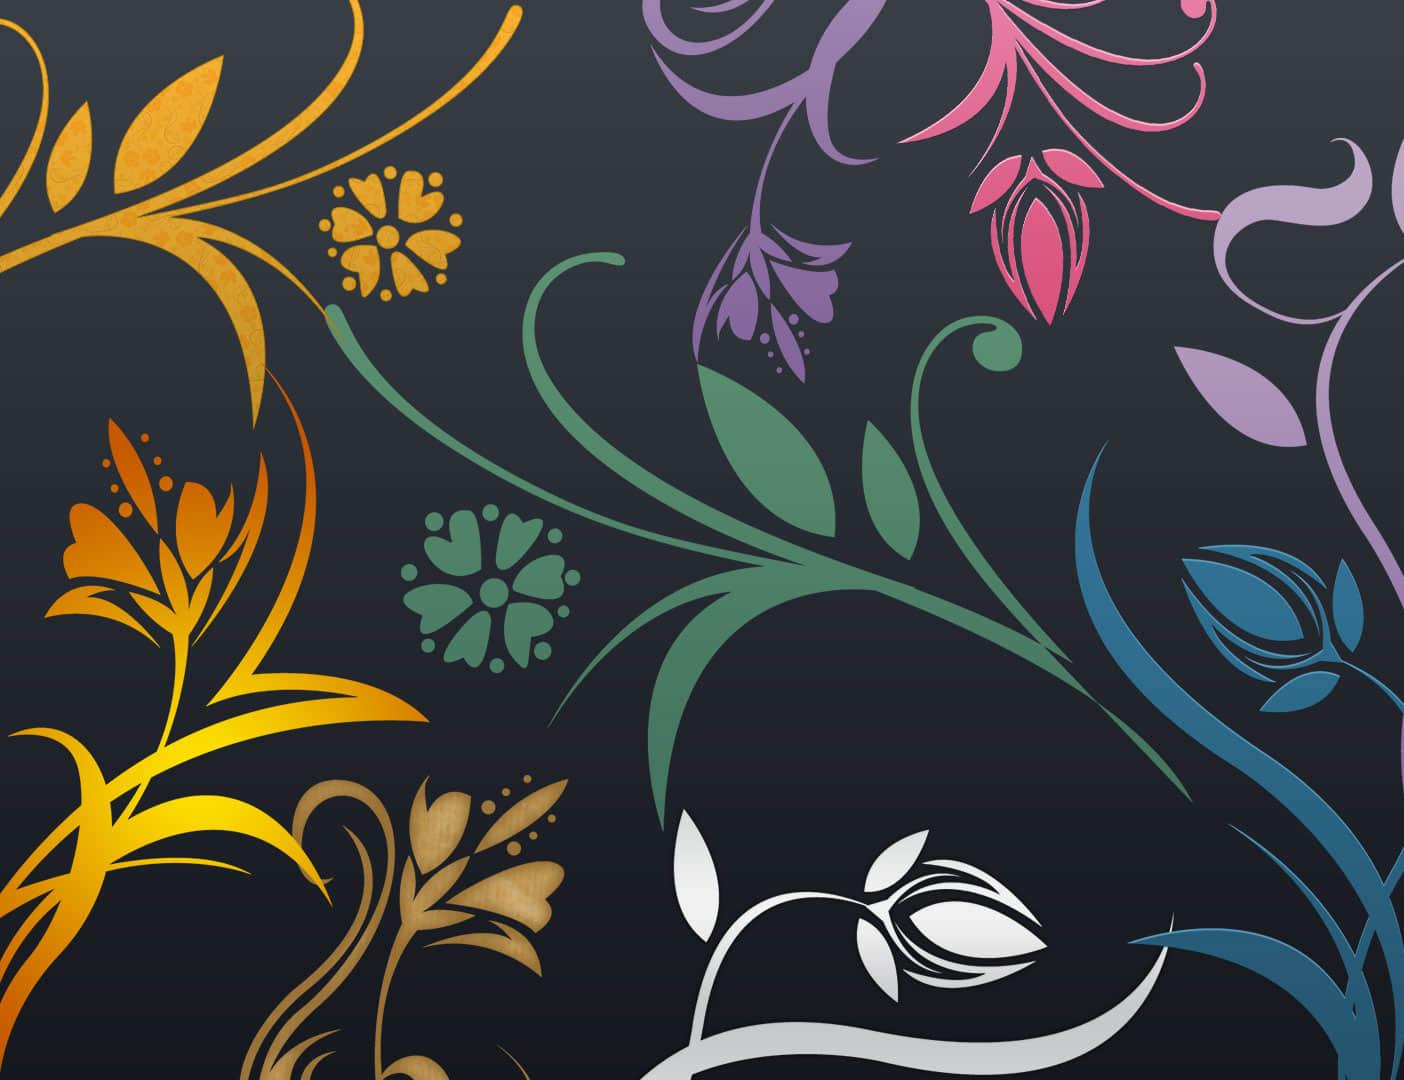 漂亮的艺术花卉图案印花纹理PS笔刷下载 植物花纹笔刷 印花笔刷  flowers brushes